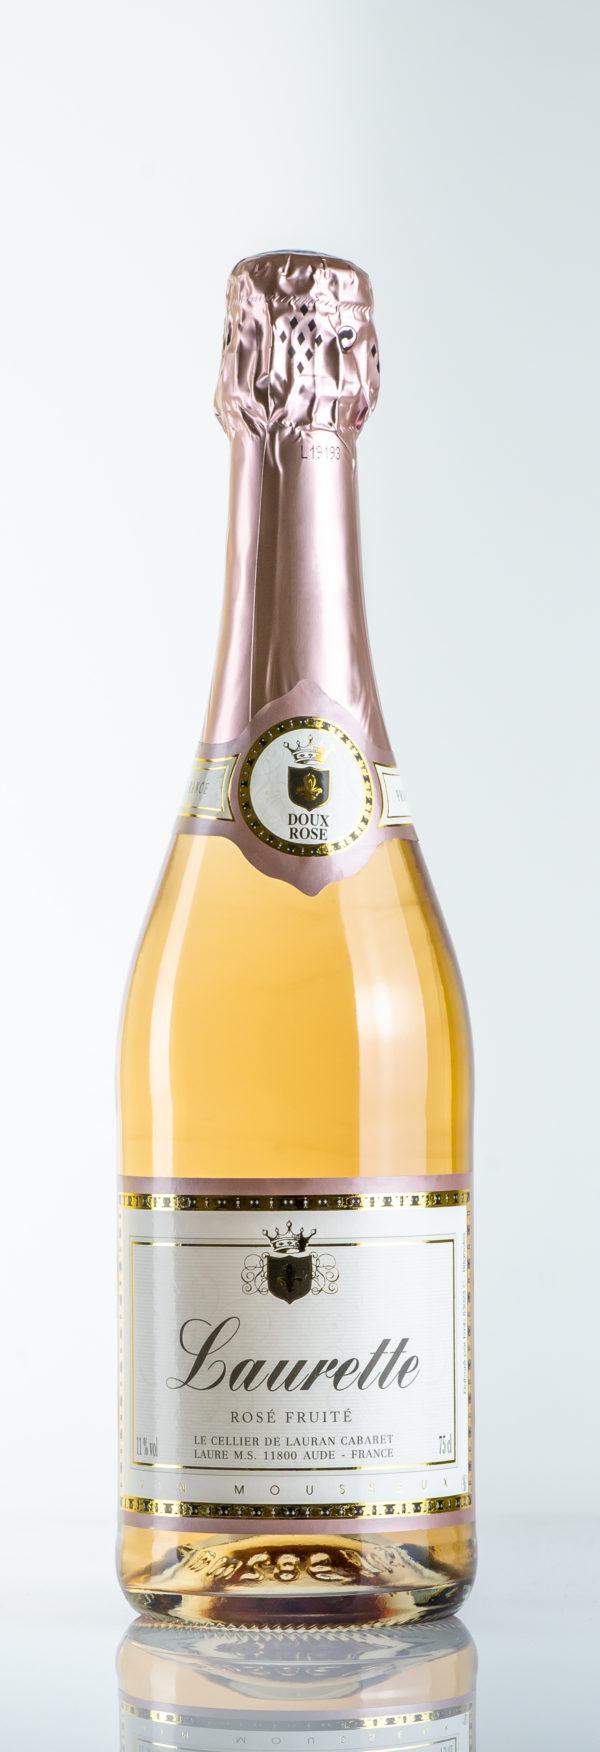 Lauran Cabaret - Laurette rosé - Photo © Florent Chatroussat